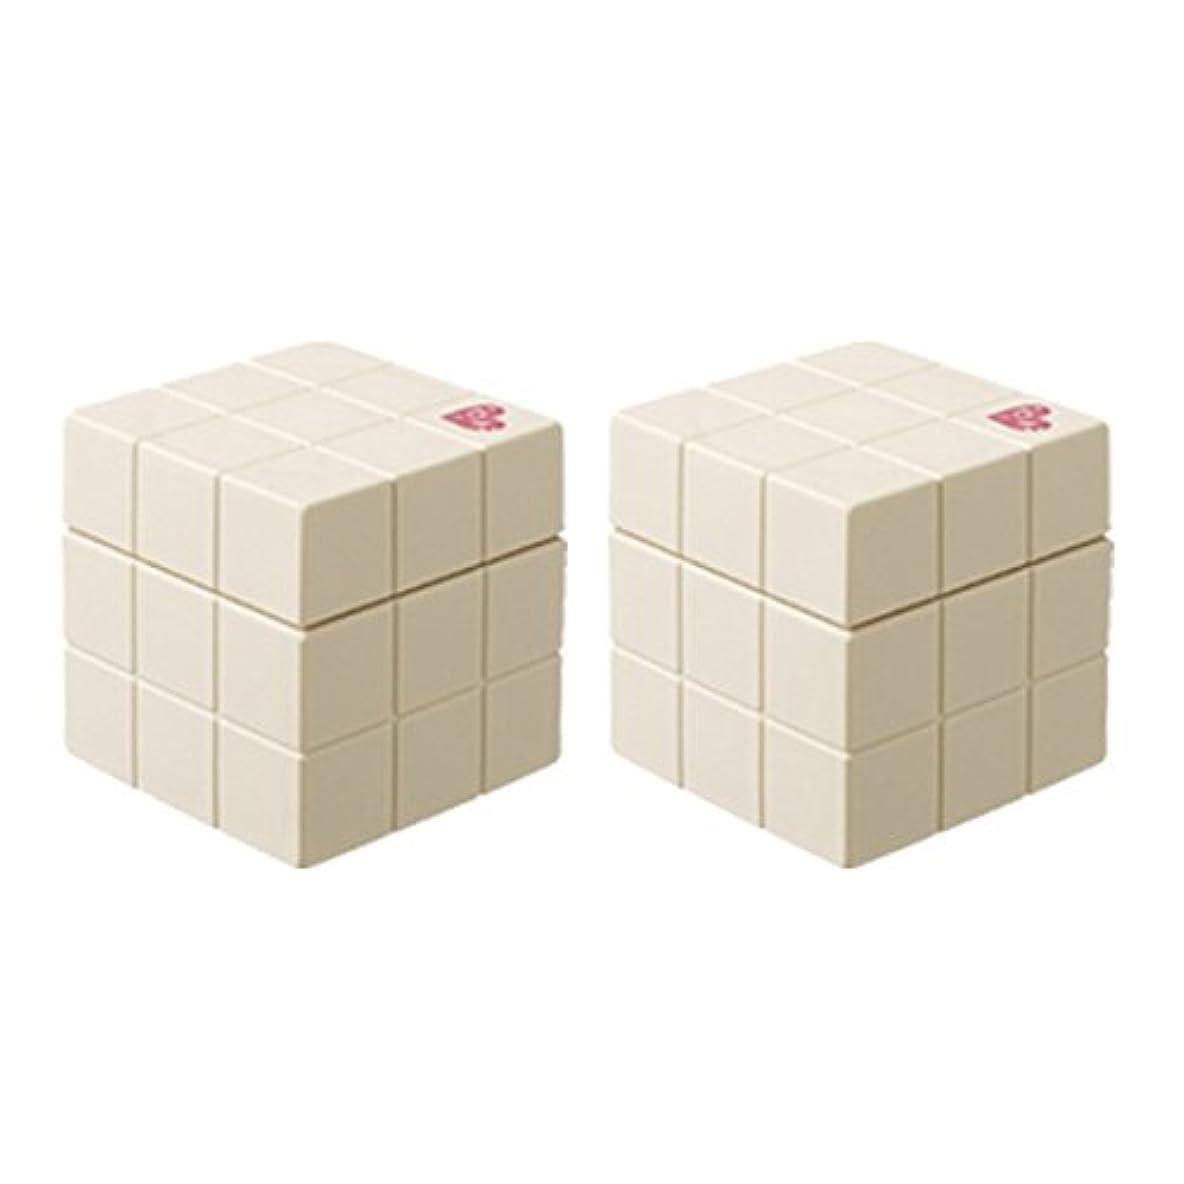 影響ファイアル比較【X2個セット】 アリミノ ピース プロデザインシリーズ ニュアンスワックス バニラ 80g